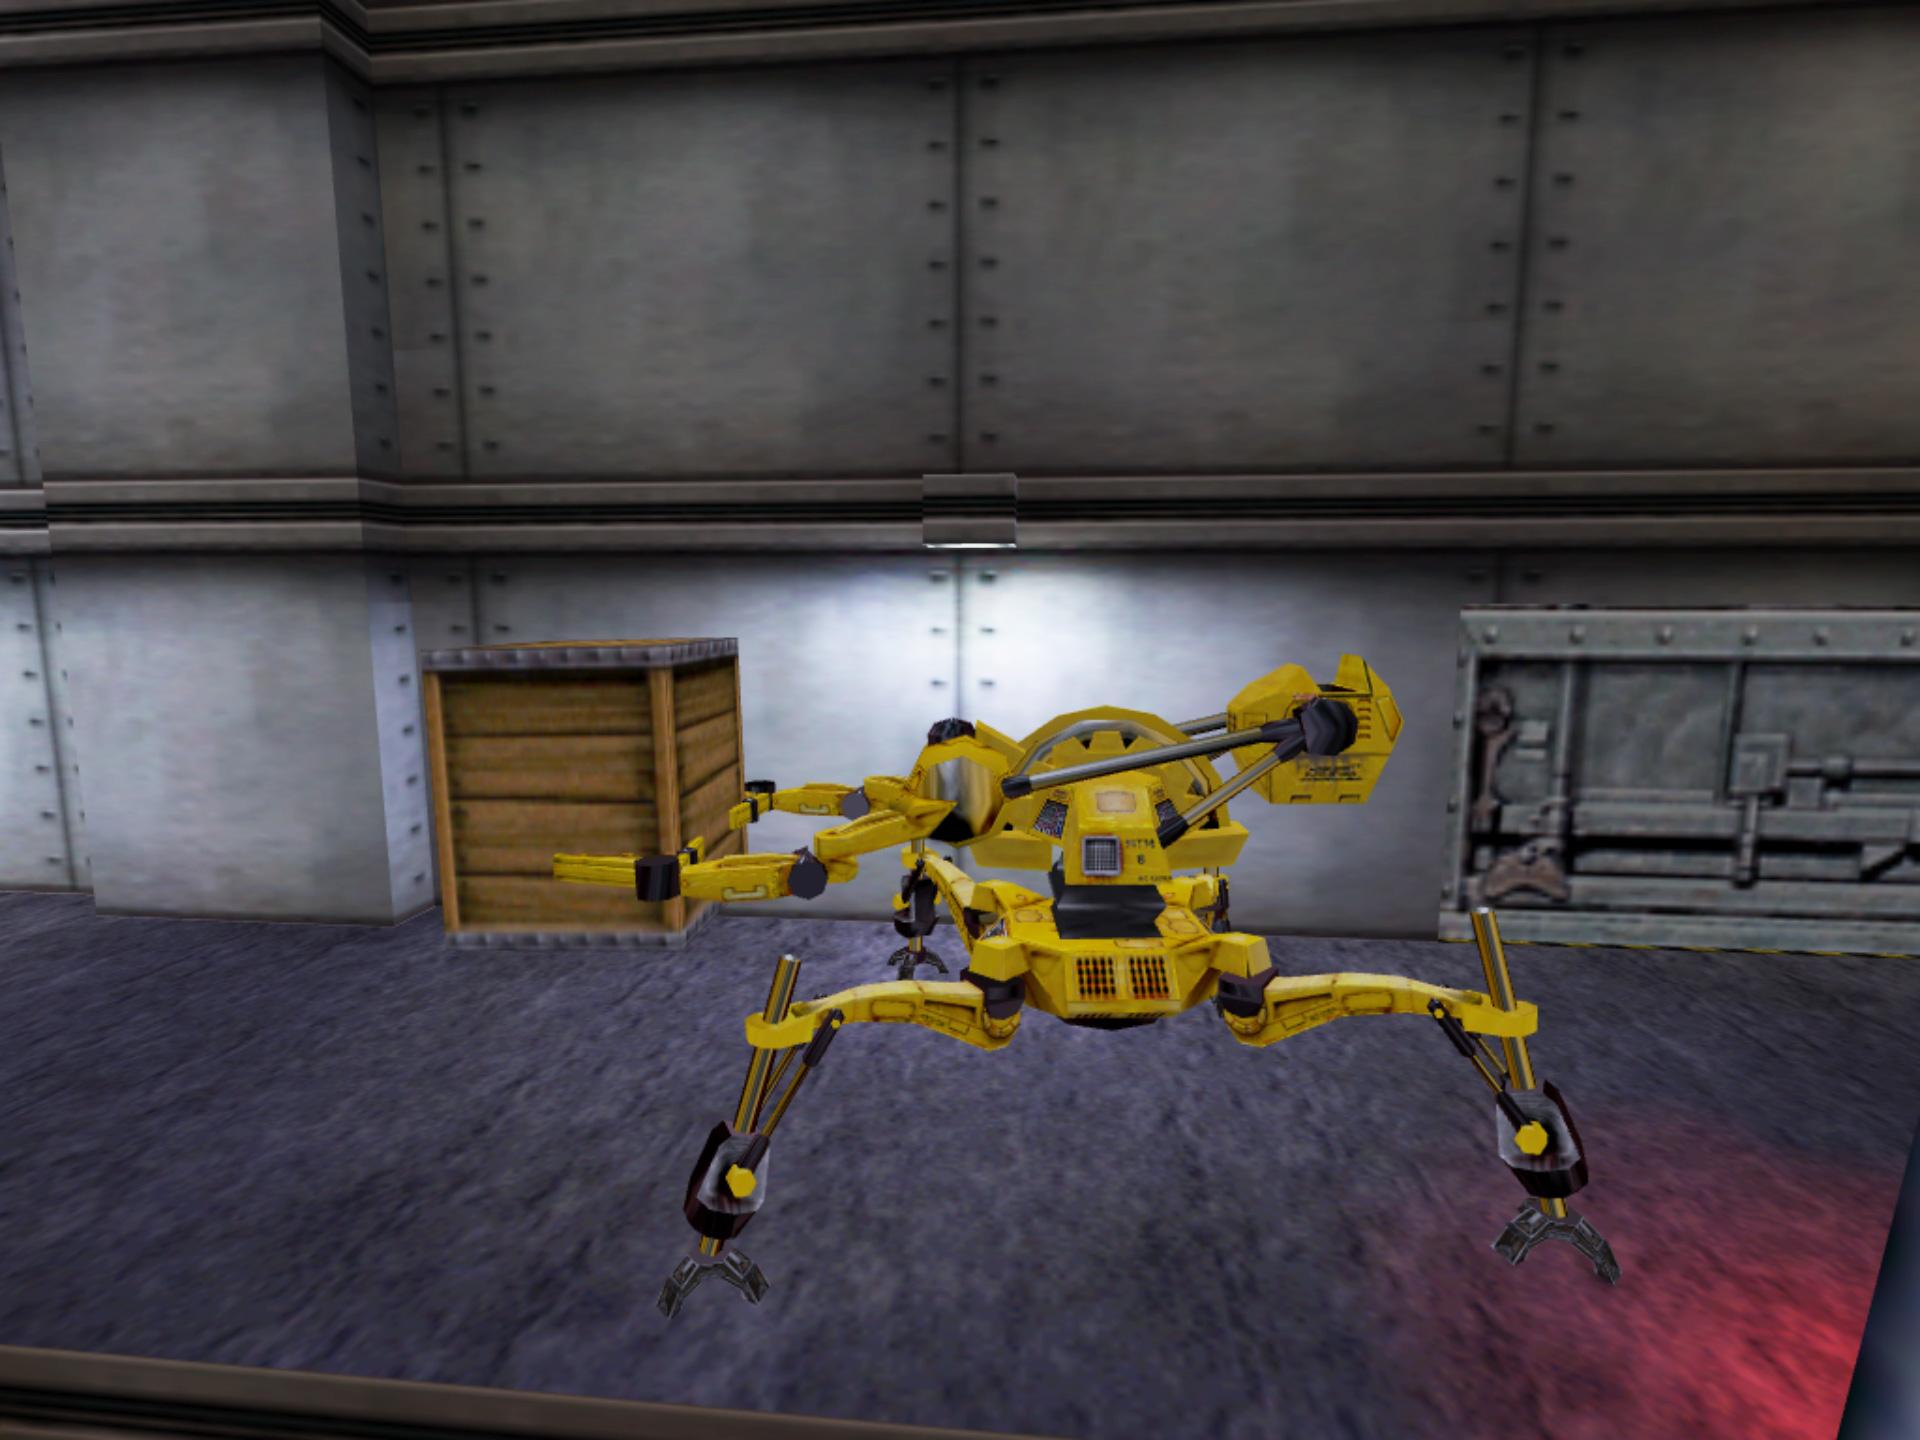 Half life spēles apskats: Roboti viņiem ir detalizēti